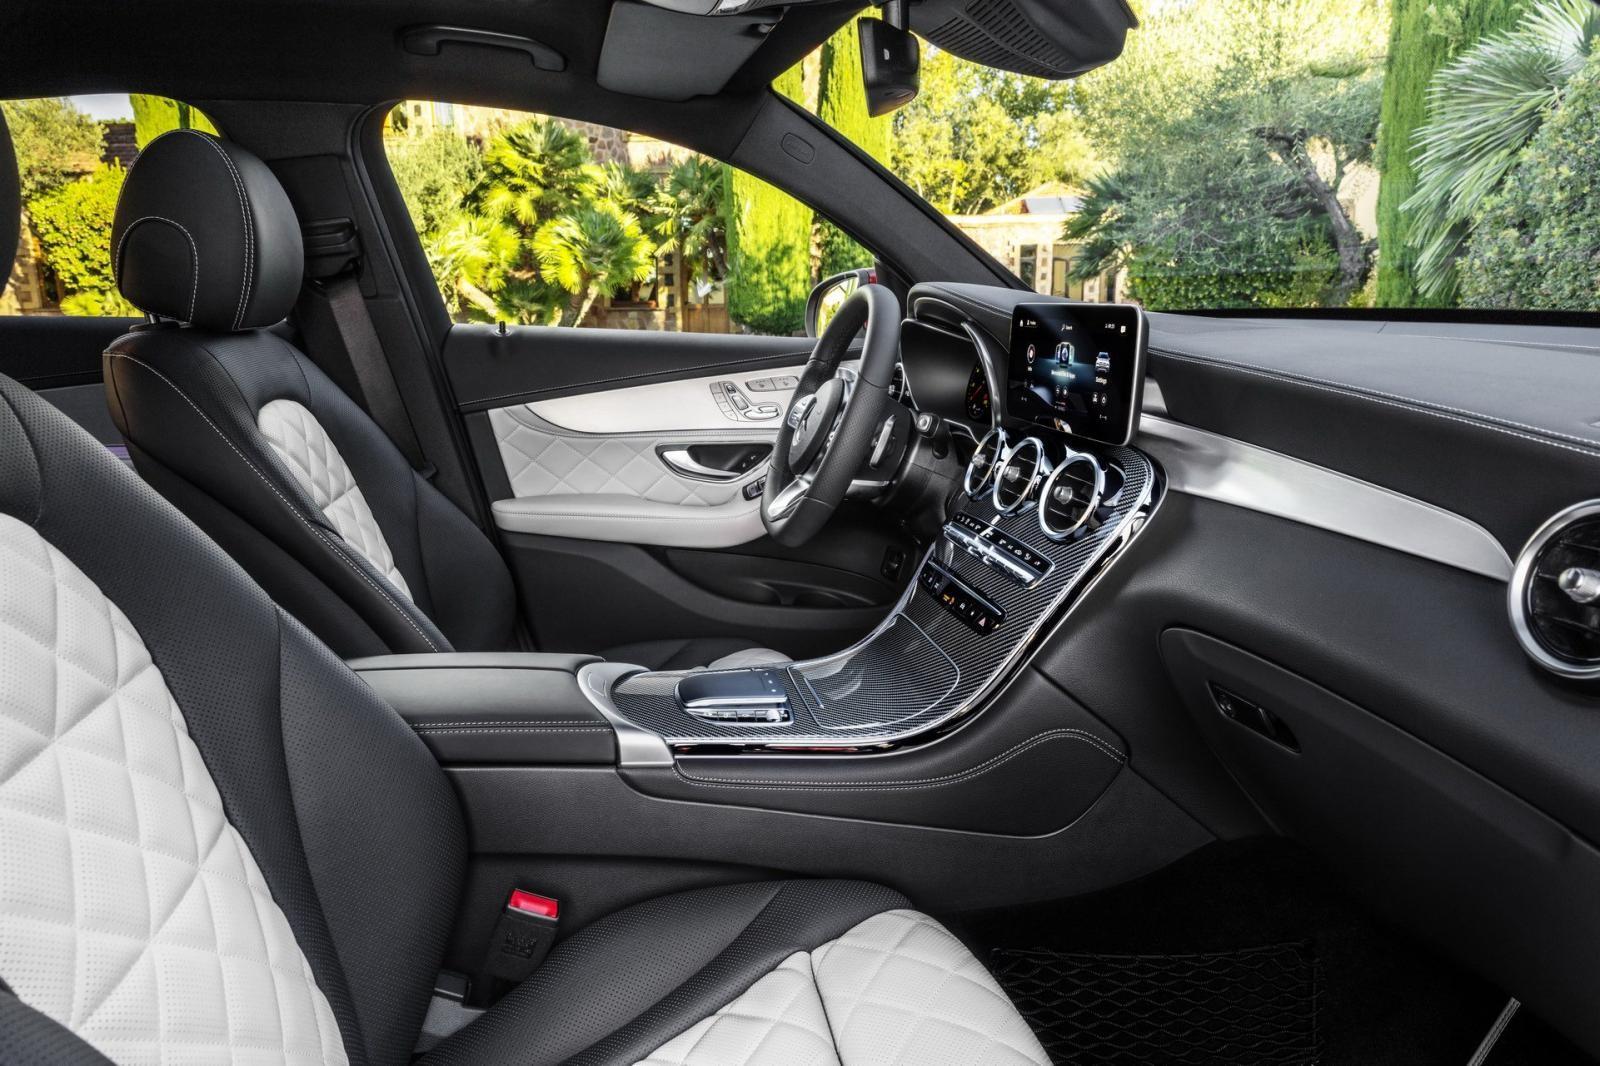 GLC Coupe 2020 được trang bị hệ thống thông tin giải trí MBUX như những mẫu xe Mercedes-Benz đời mới